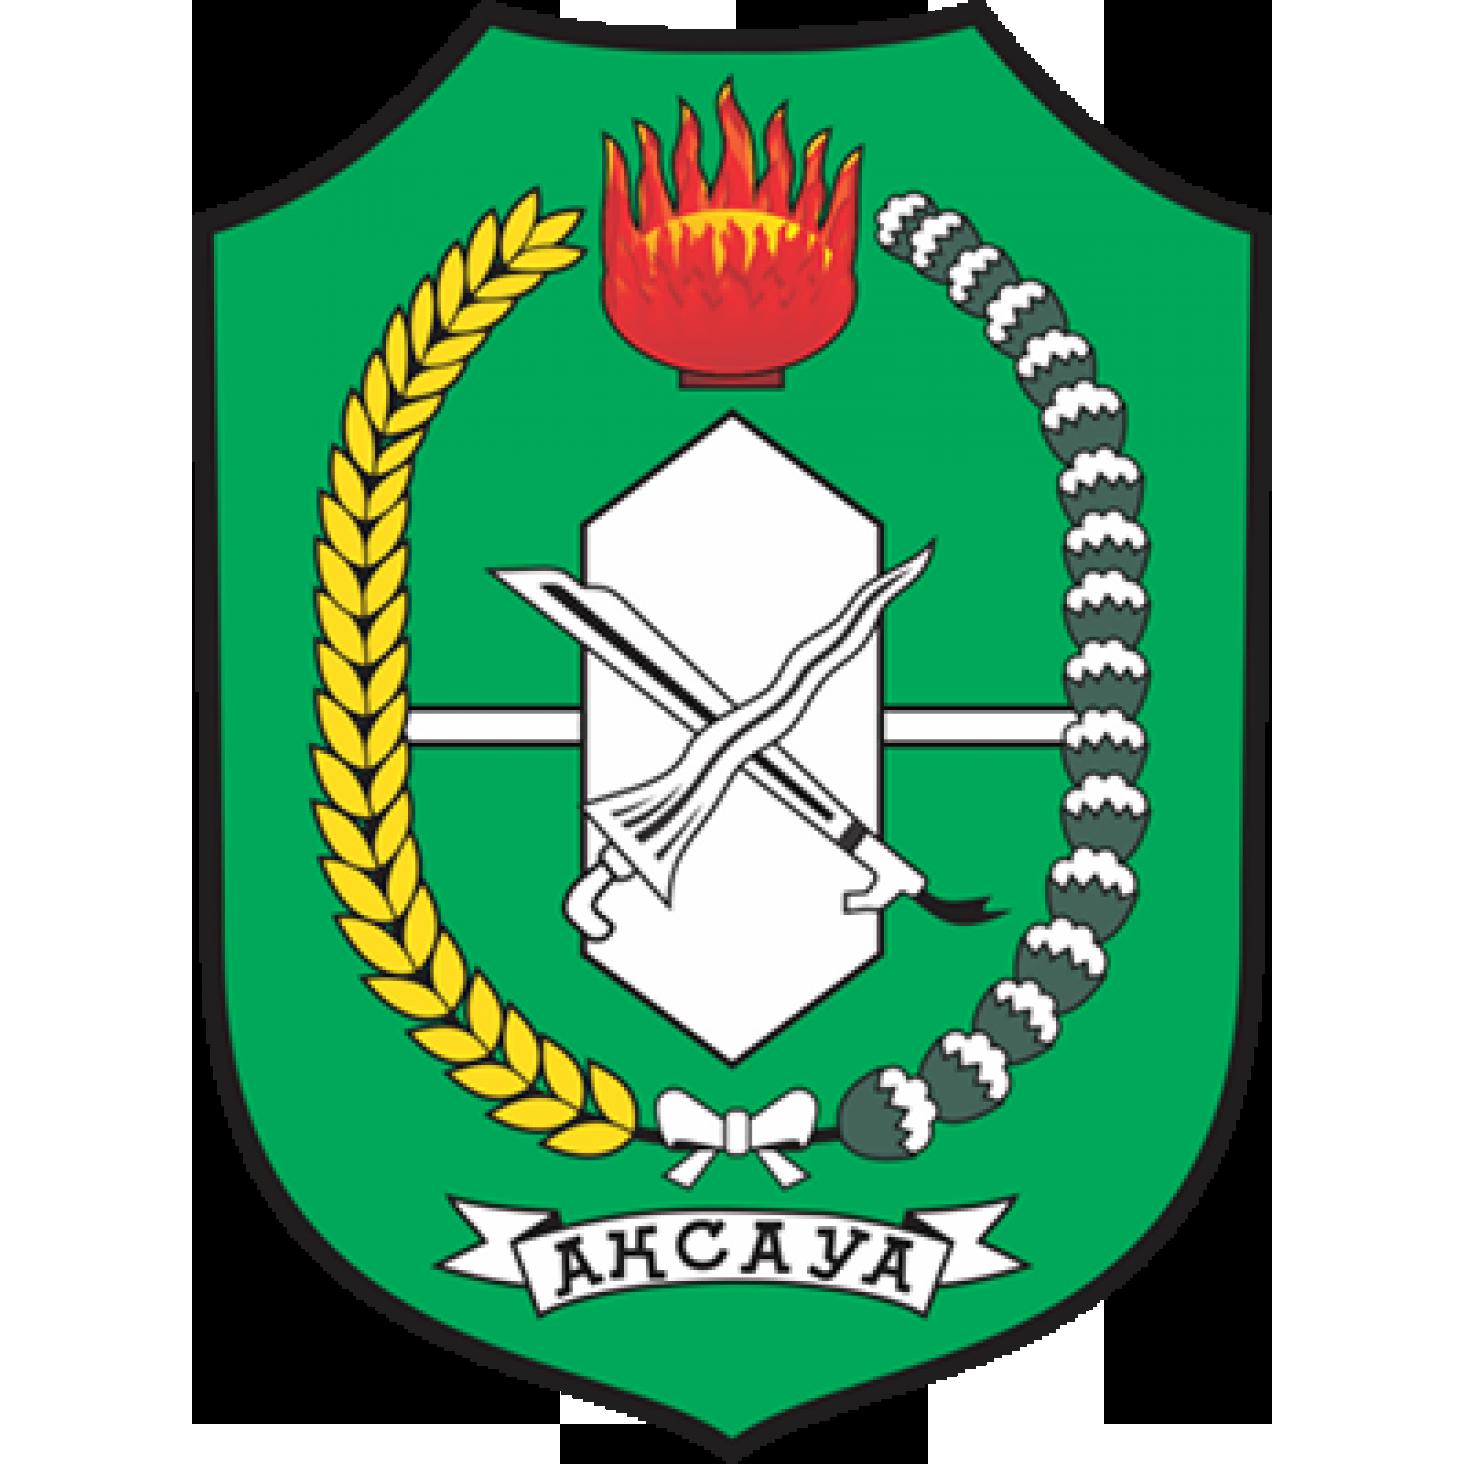 Pemerintah Propinsi Kalimantan Barat